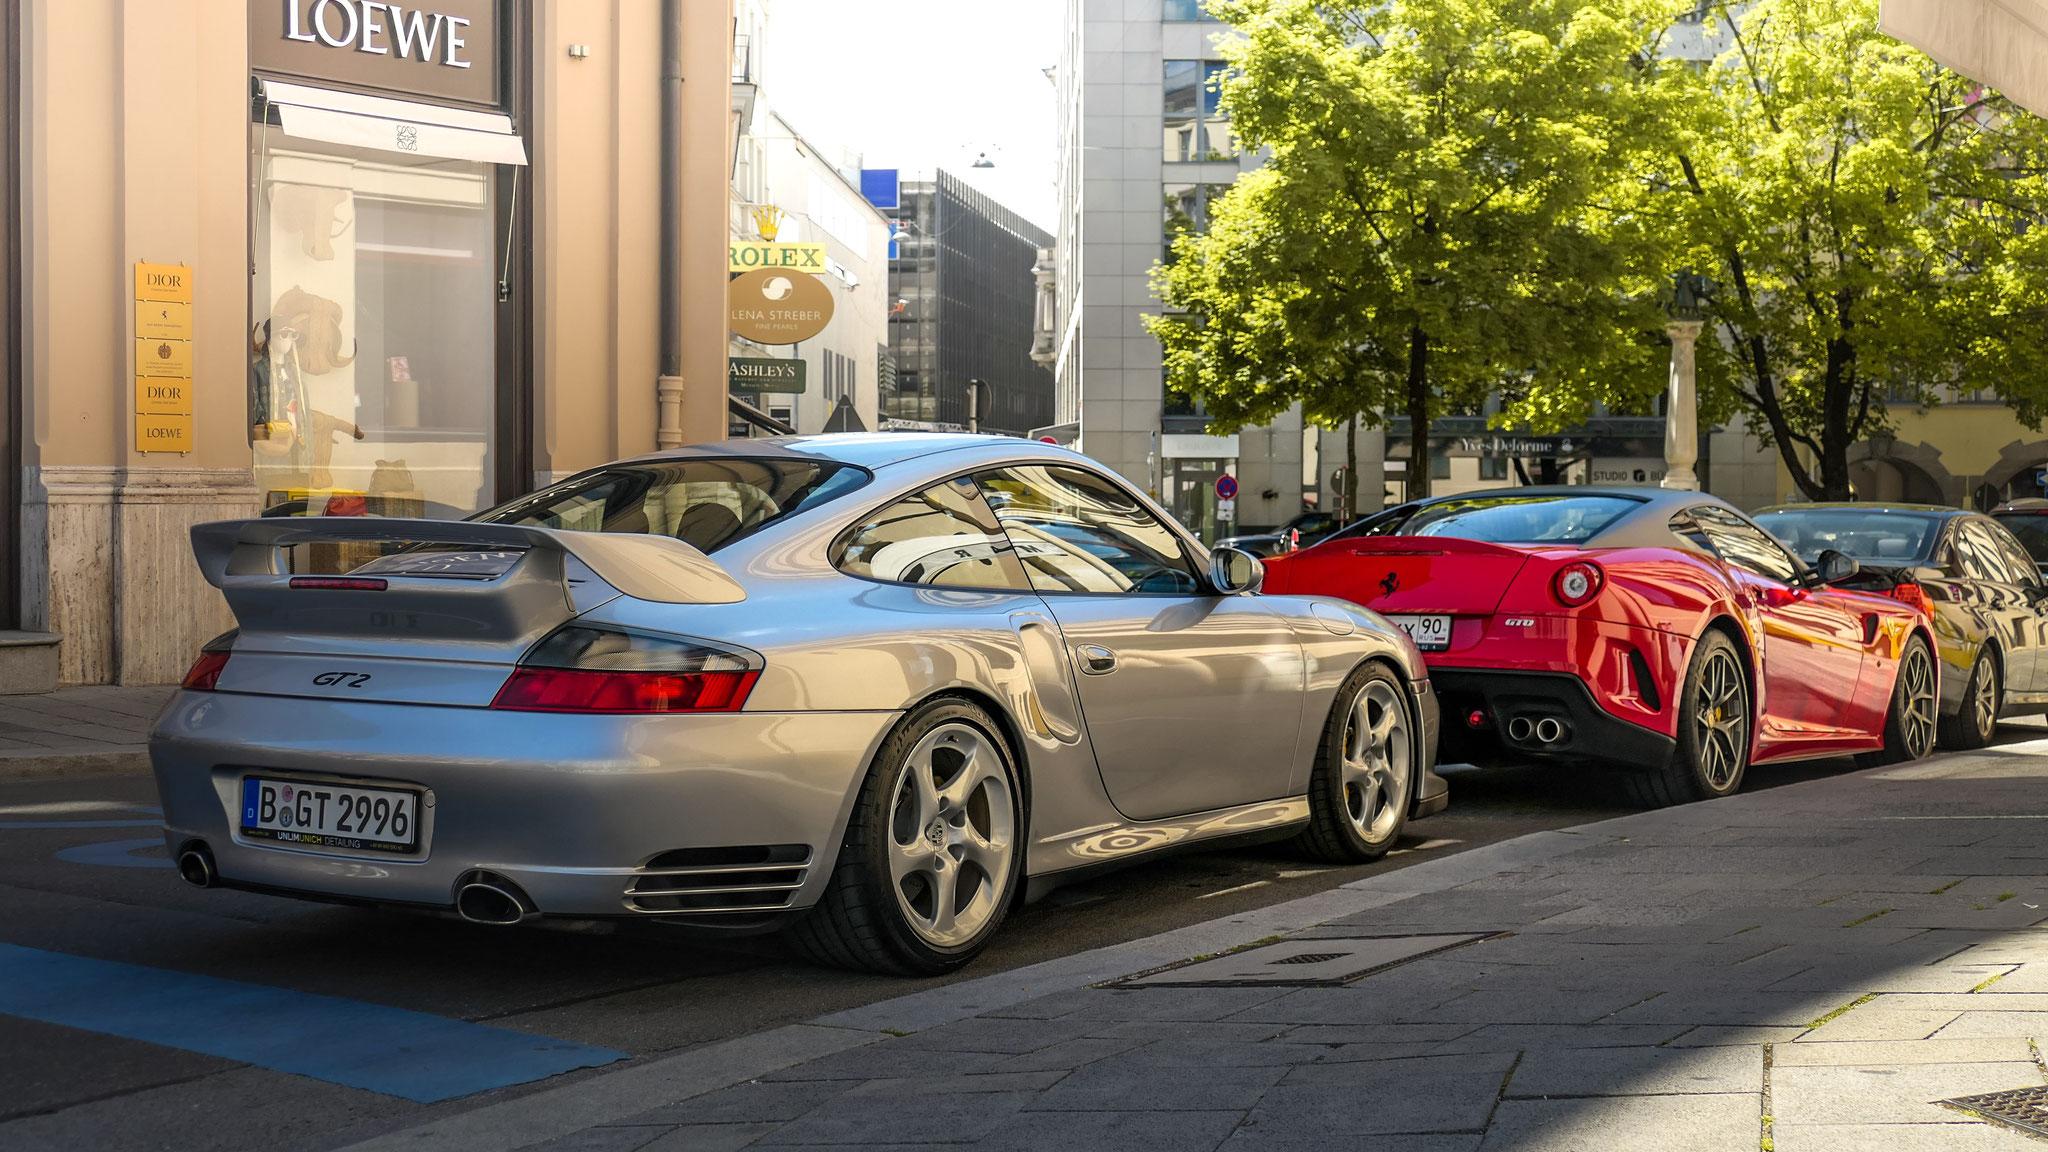 Porsche 996 GT2 - B-GT-2996